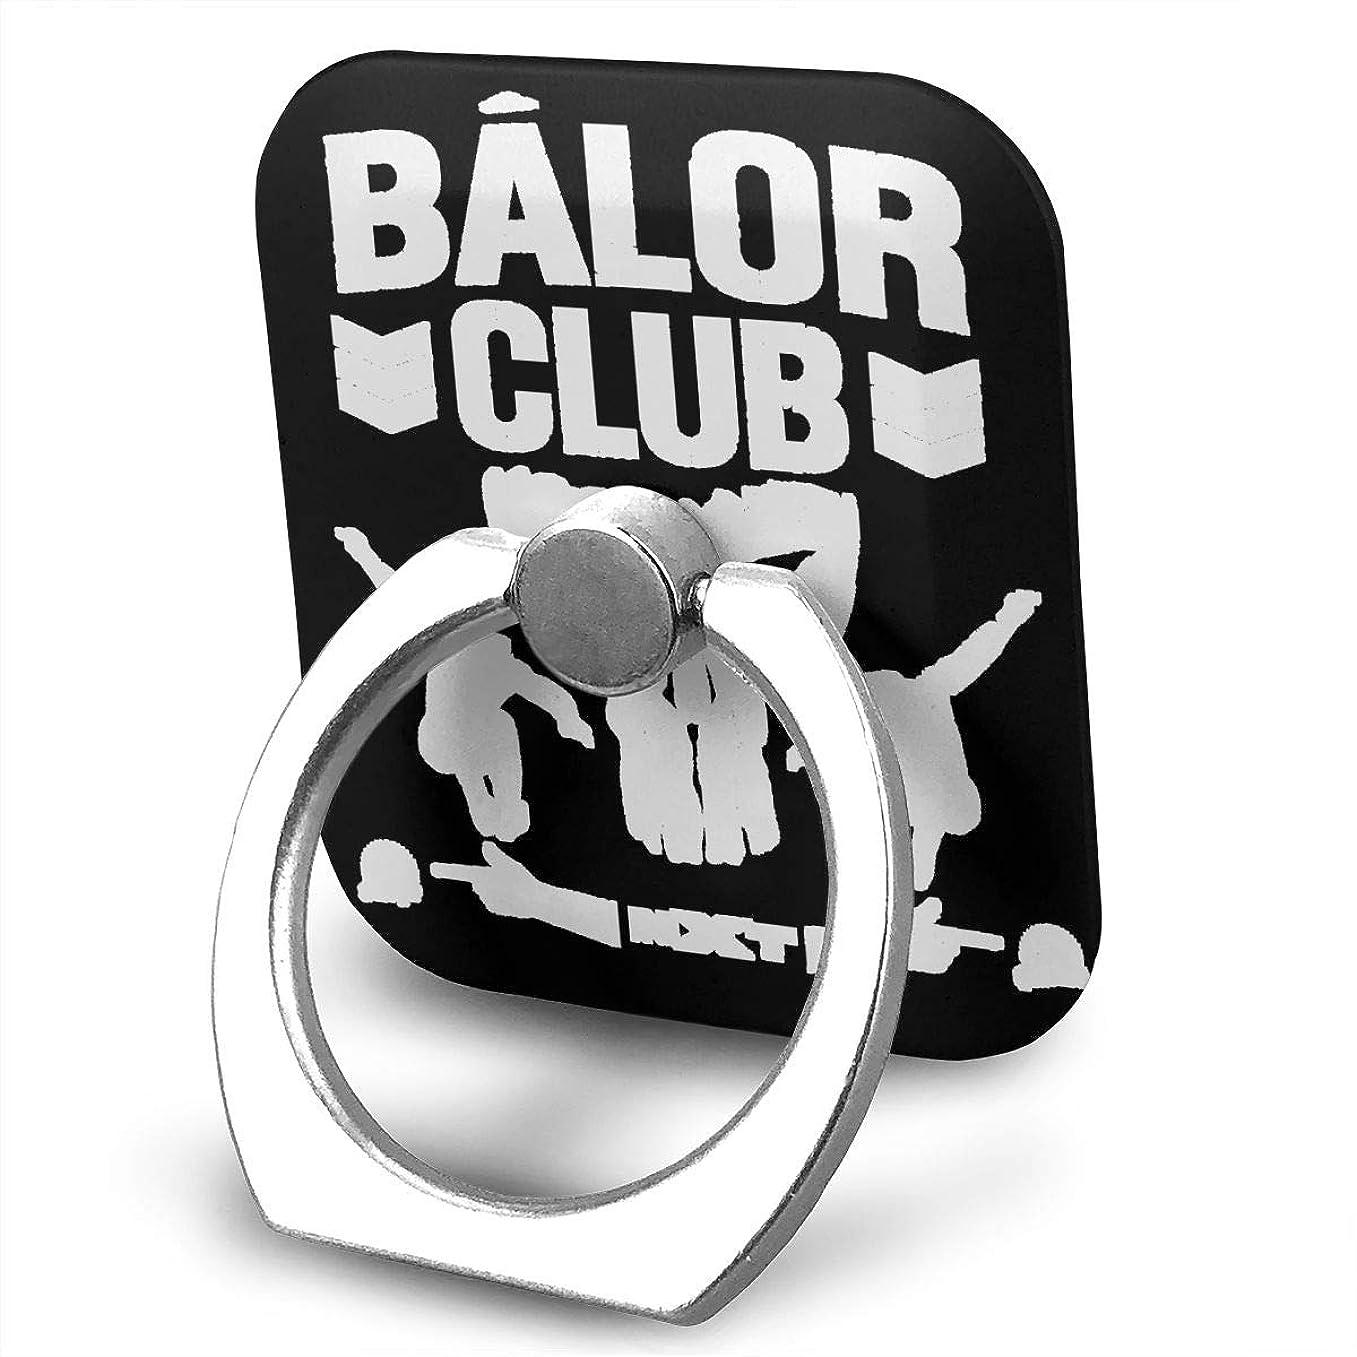 アンソロジー勉強する違うBALOR CLUB バロールクラブ 弾丸クラブ スマホ リング ホールドリング 指輪リング スクエアス 薄型 おしゃれ スタンド機能 落下防止 360度回転 タブレット/スマホ IPhone/Android各種他対応